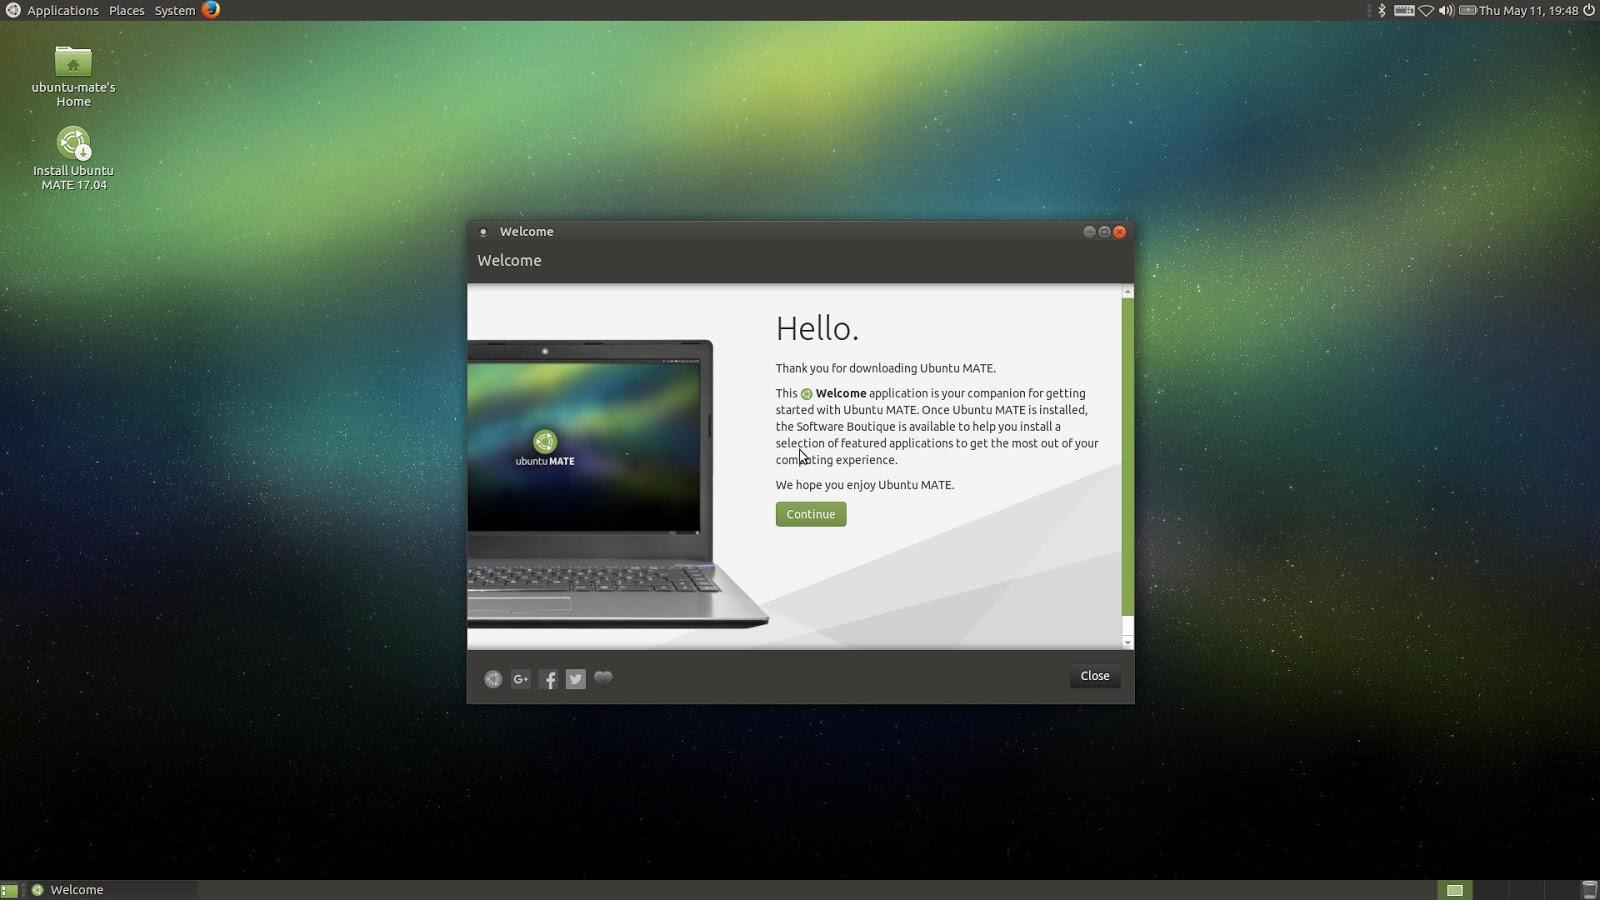 ubuntu home office. Ubuntu MATE 17.04 Welcome Home Office I